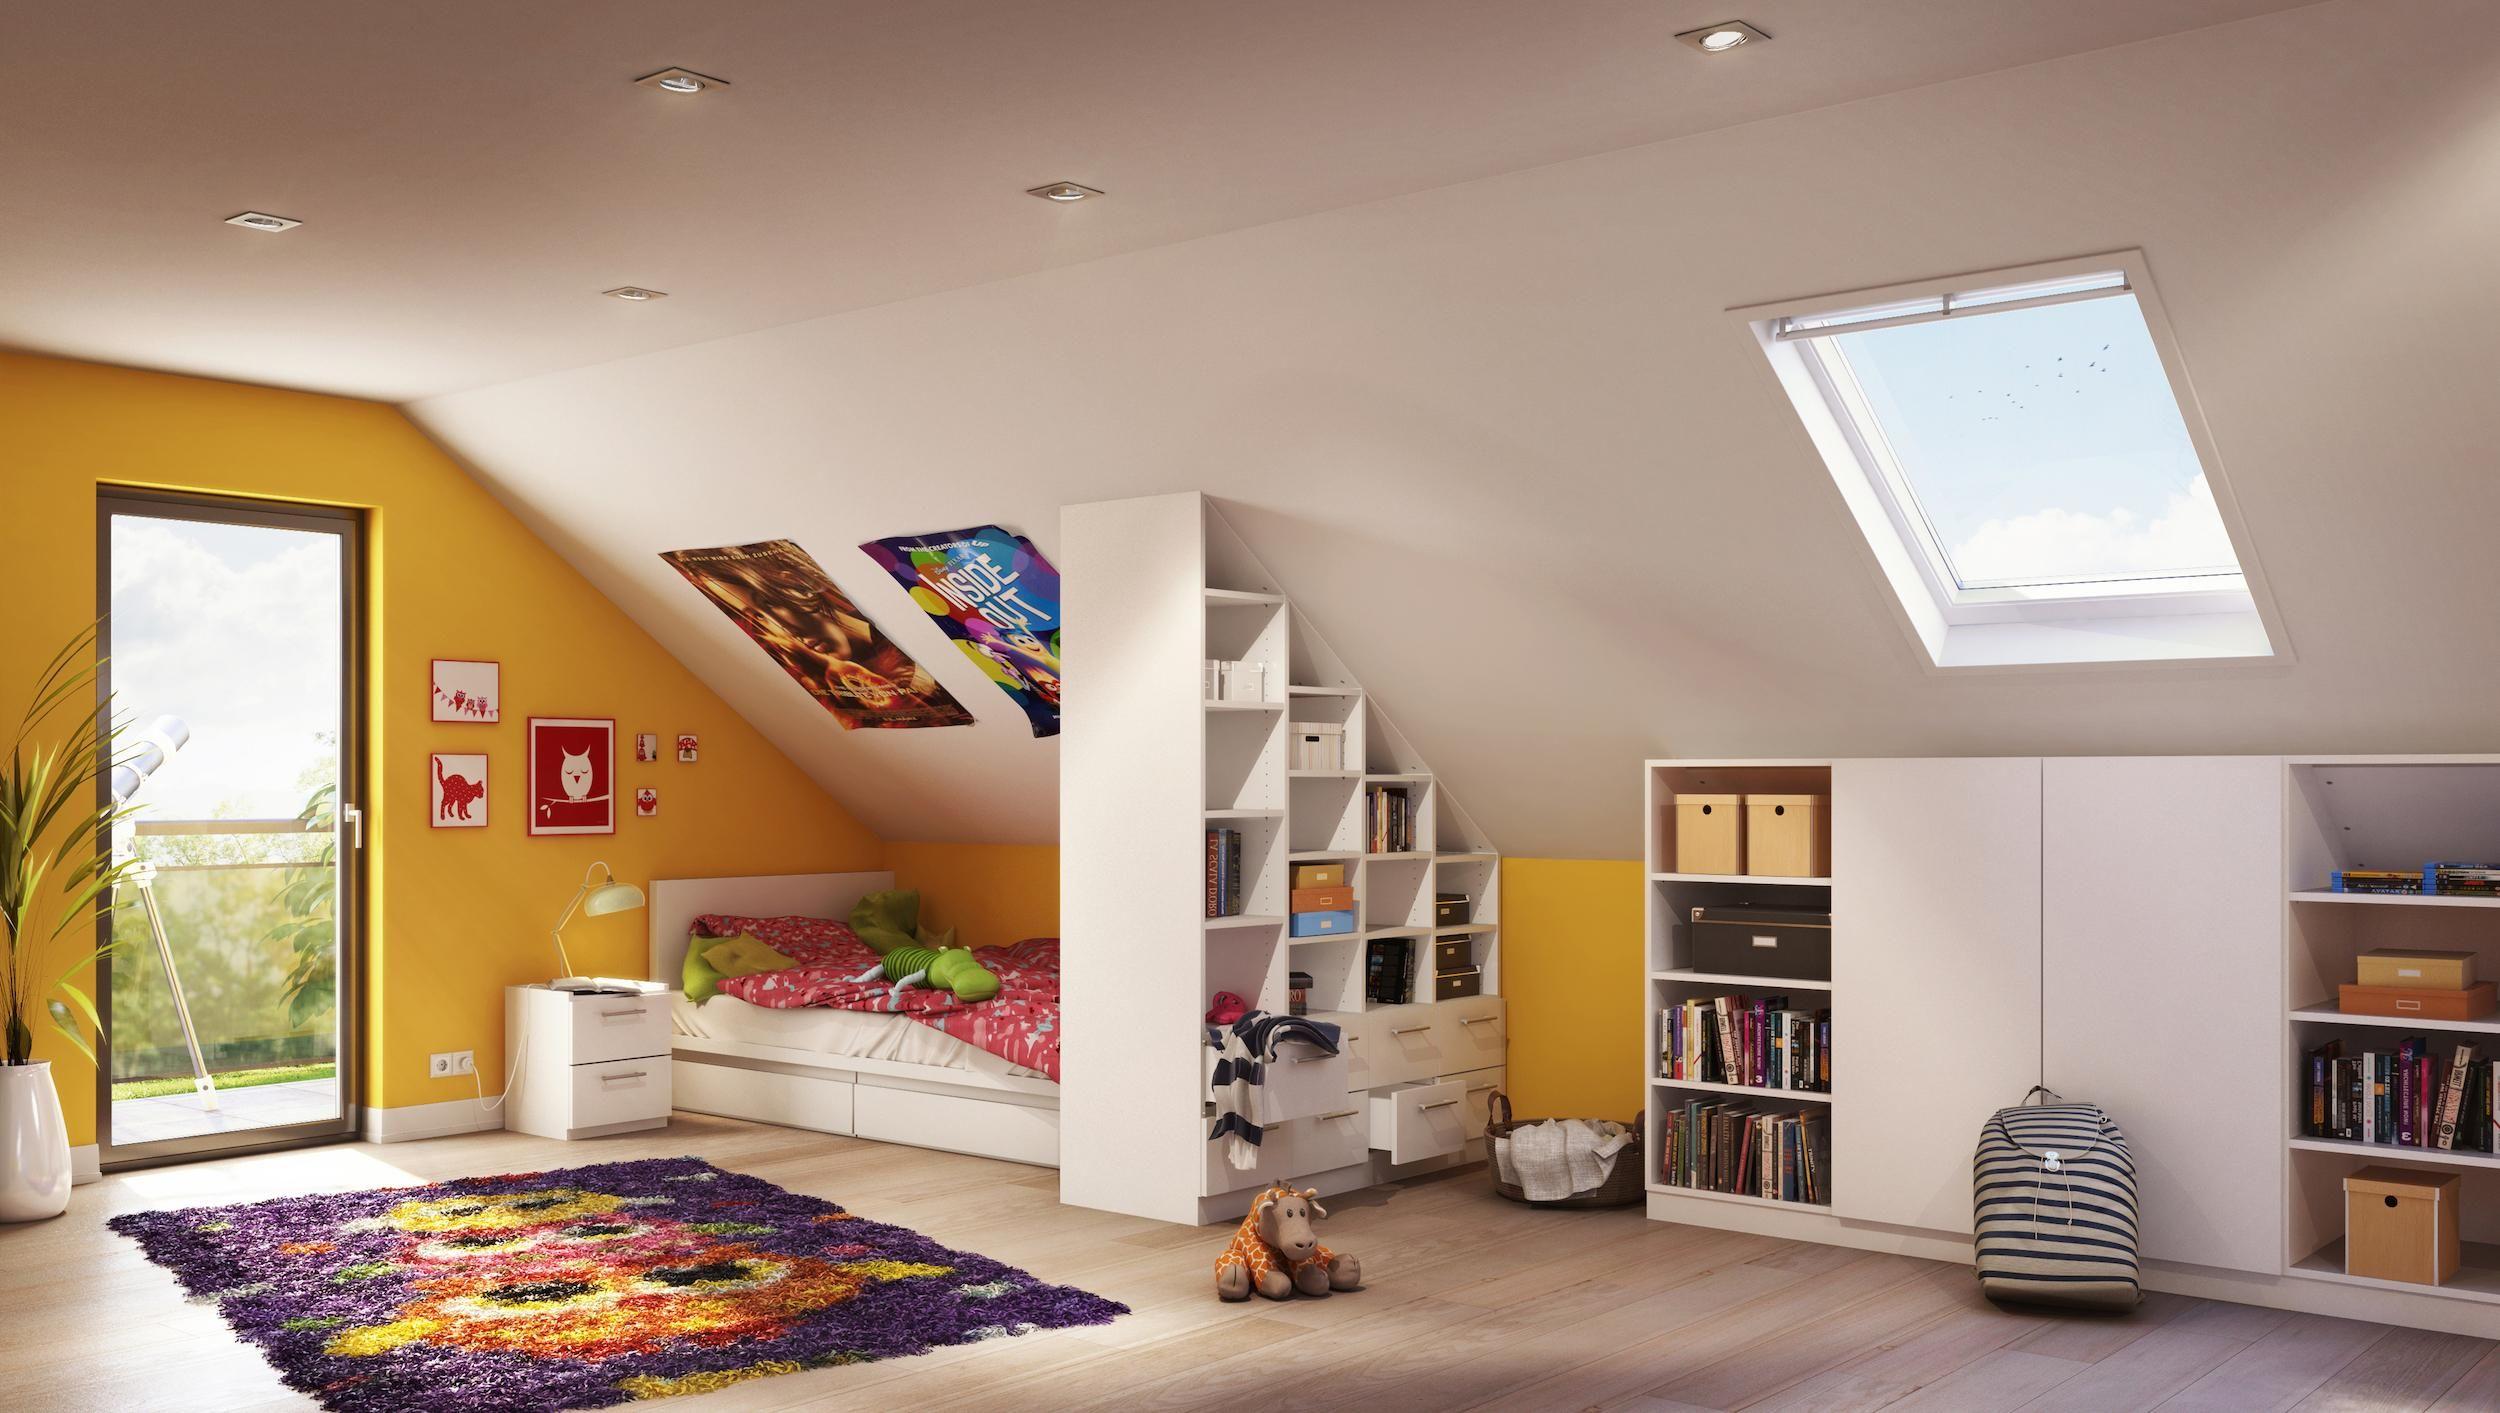 Kinderzimmer Unterm Dach Dachschräge Bücherregal Kinder Zimmer Jugendzimmer Einrichten Raumteiler Kinderzimmer